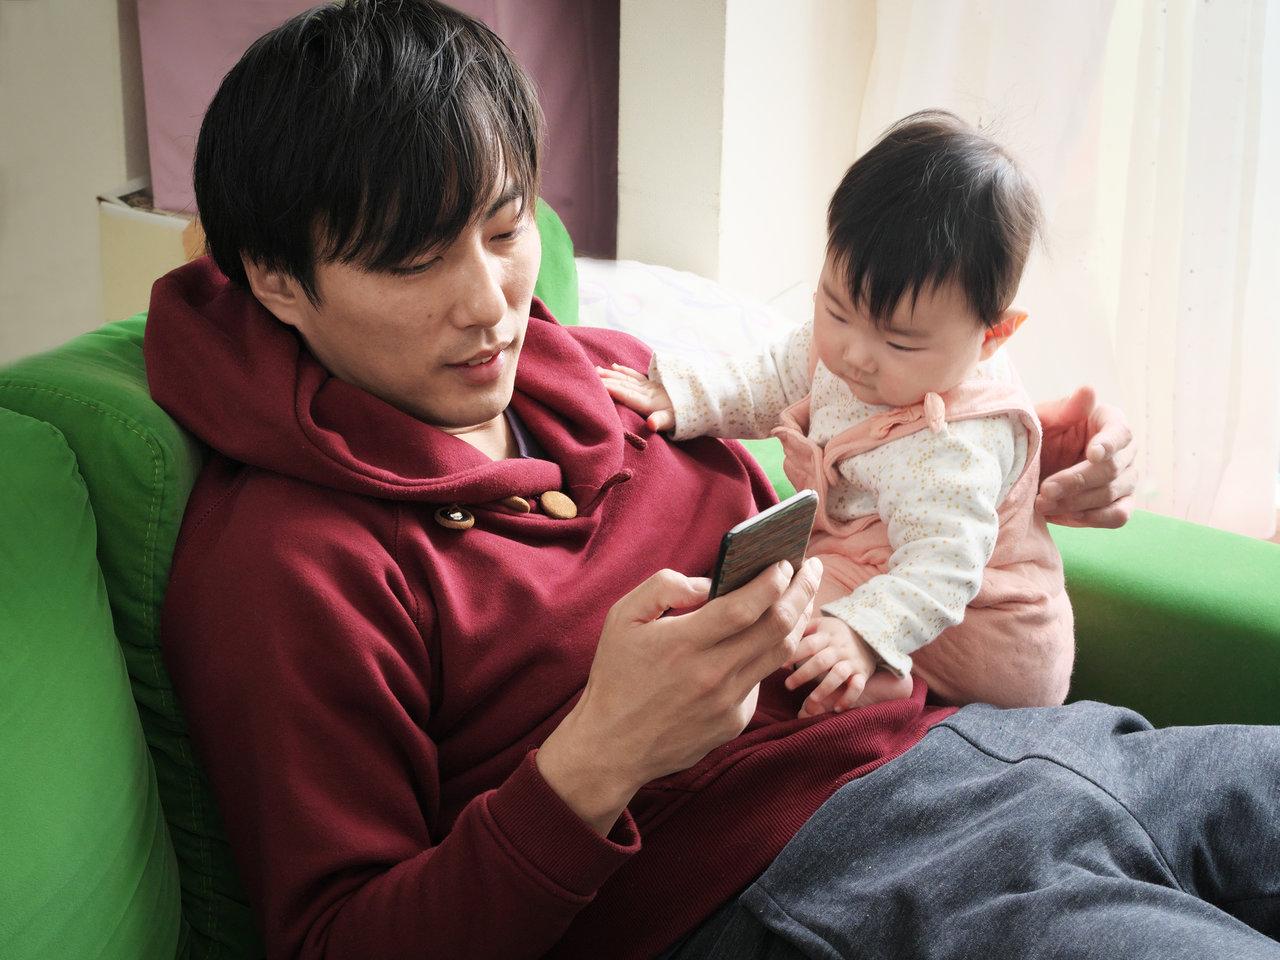 パパは会話よりもスマホ重視?ママの不満が解消するスマホパパ改善法